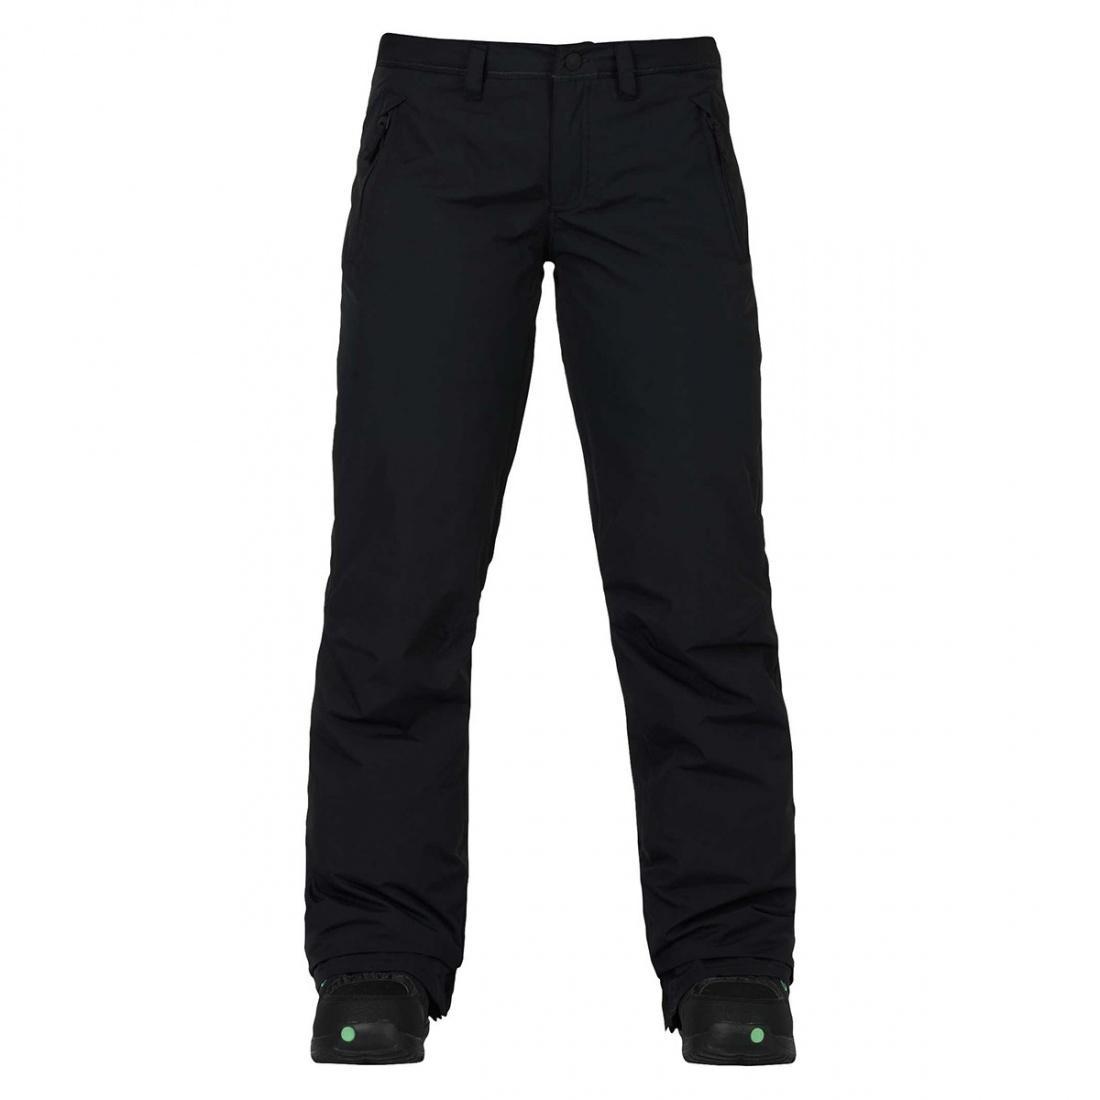 Штаны для сноуборда Burton Society купить в Boardshop №1